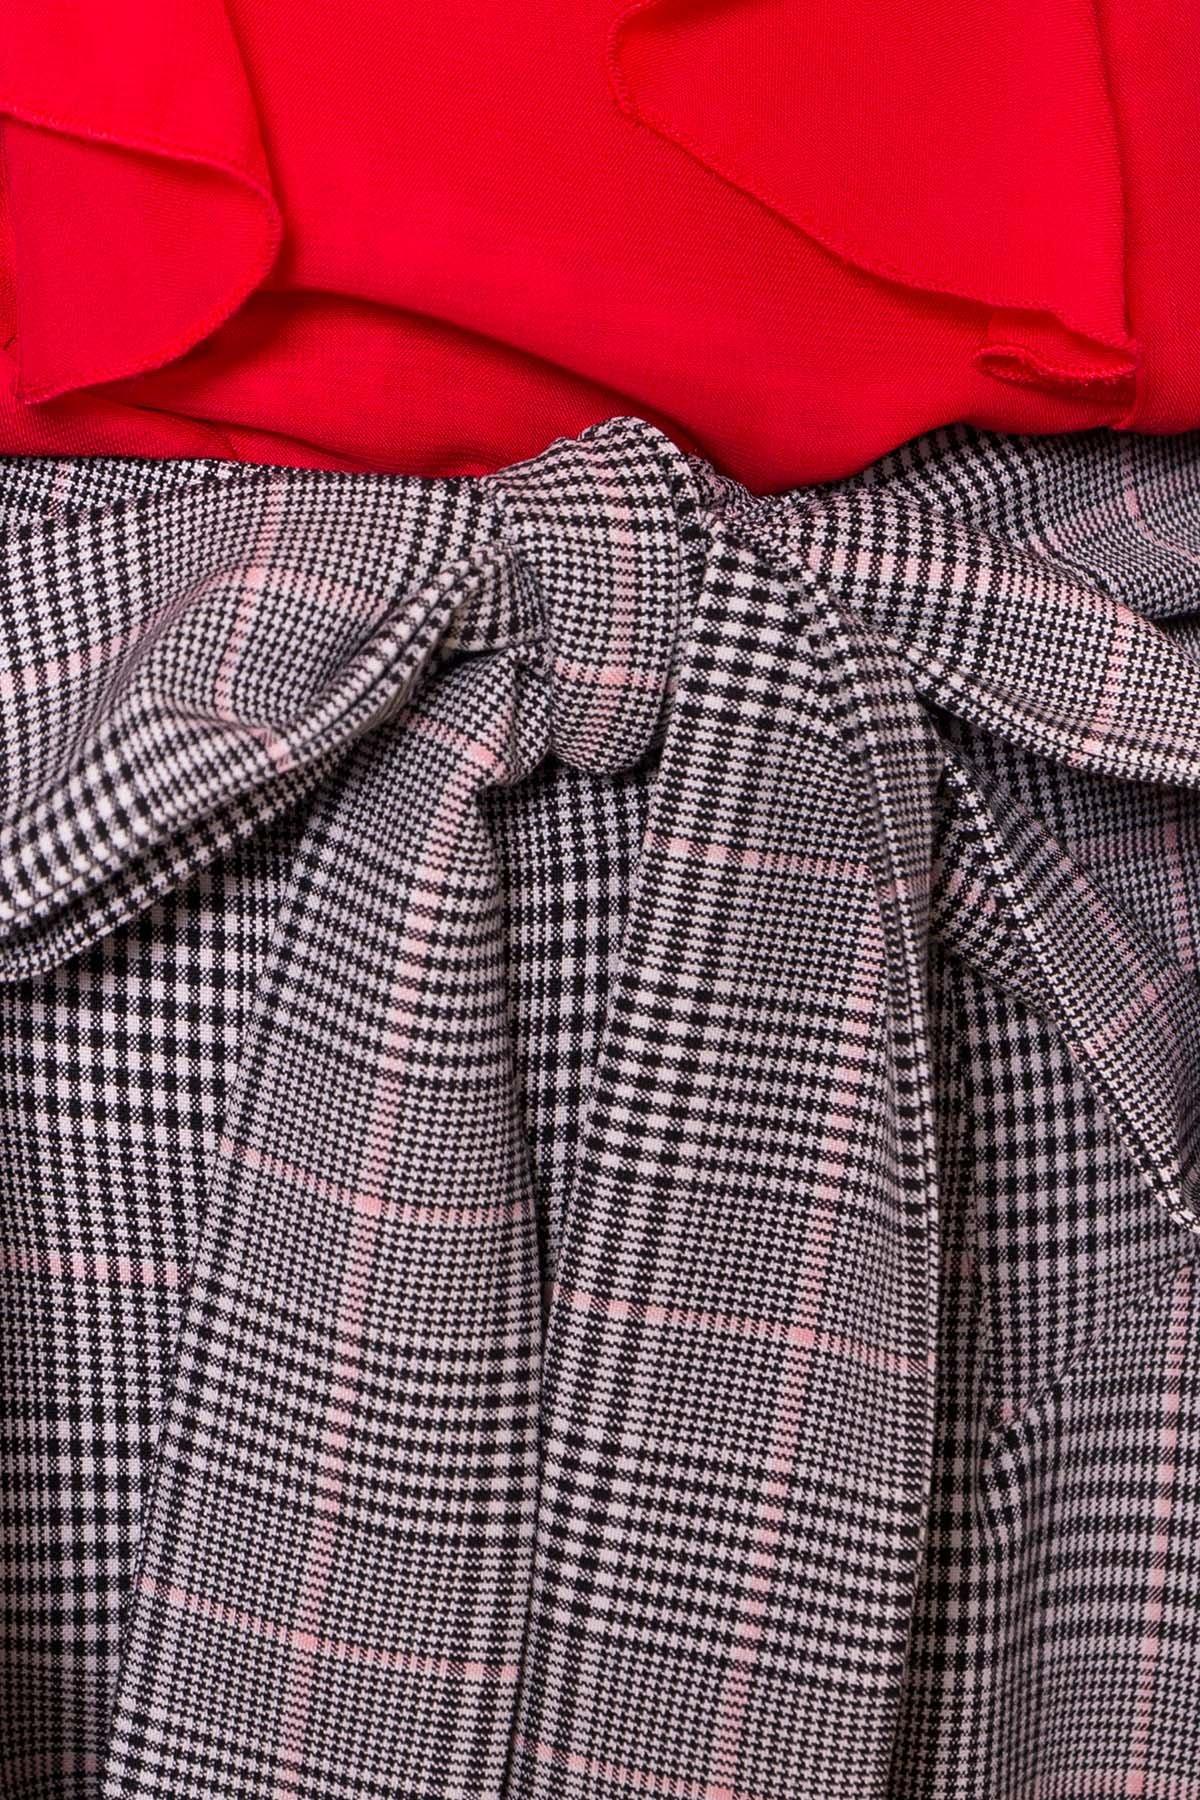 Шорты Камю 6882 Цвет: Черный/белый/пудра